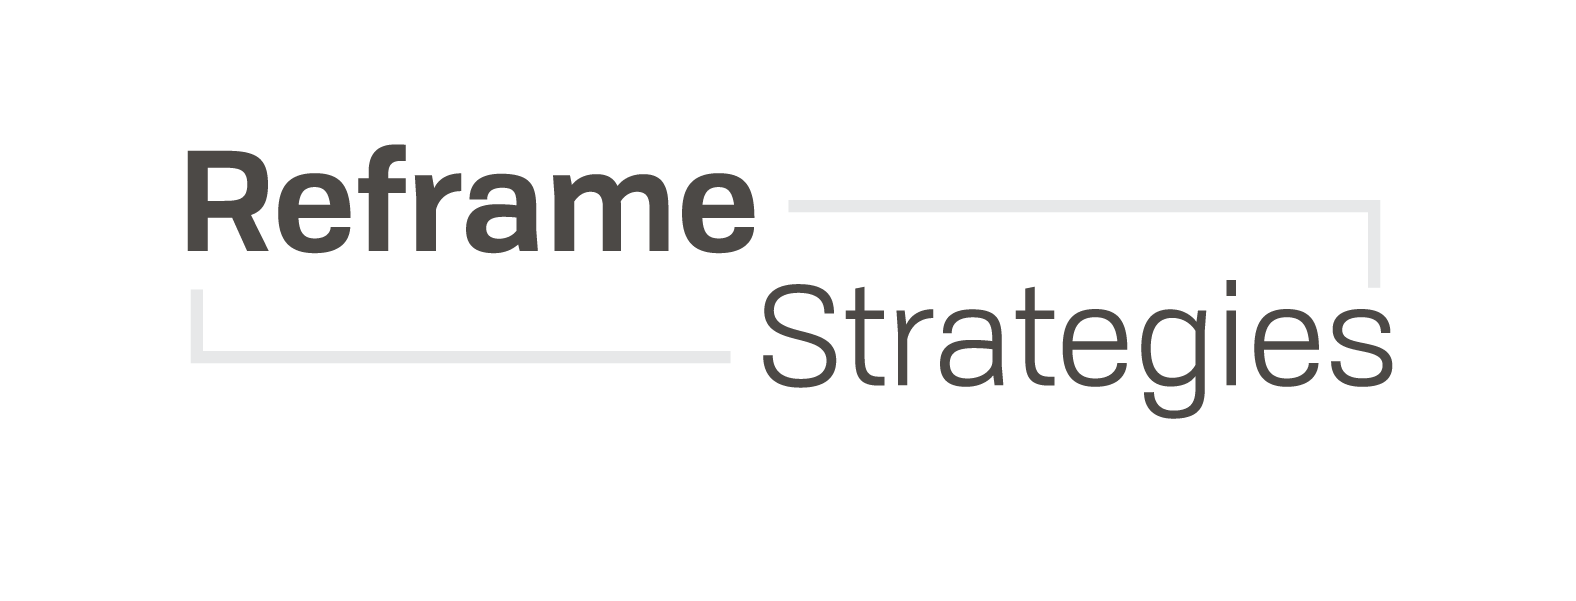 Reframe Strategies